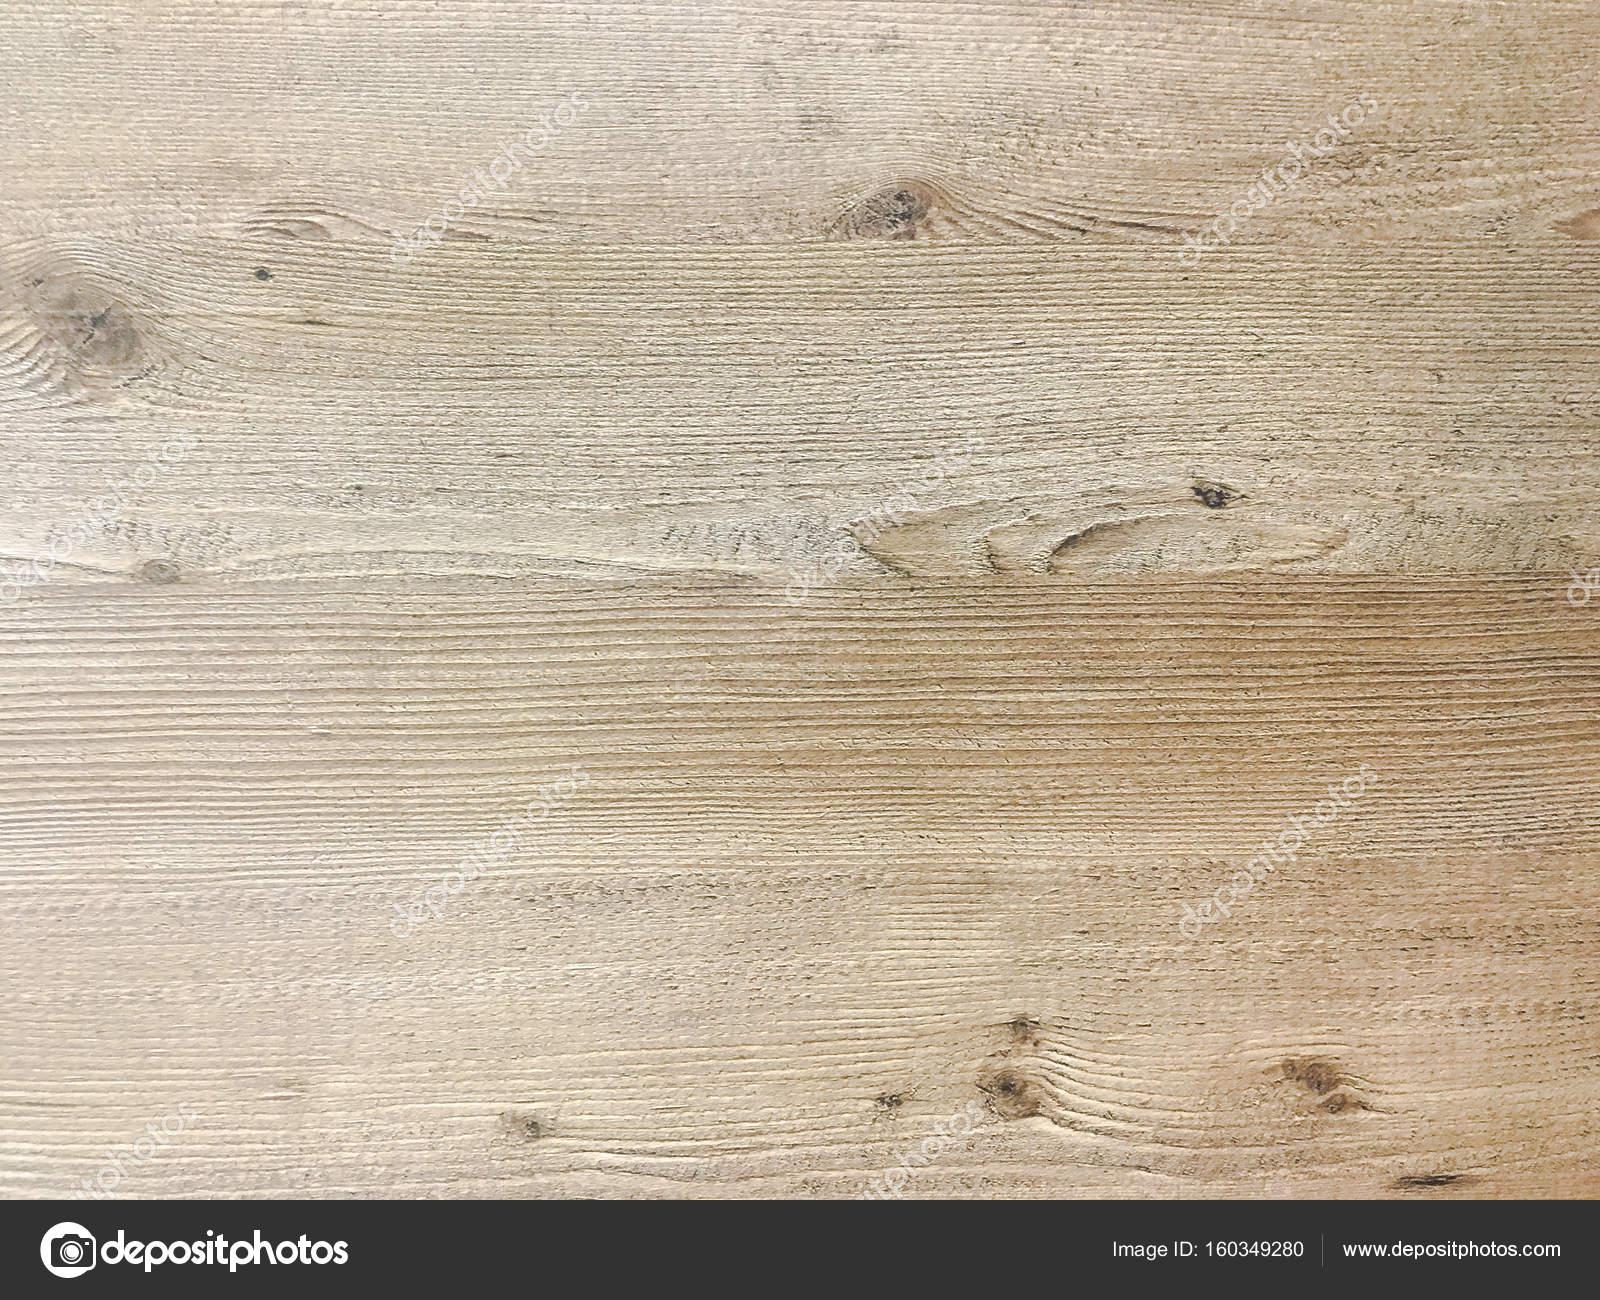 Holz Struktur leichte holzstruktur hintergrund oberfläche mit alten natürlichen